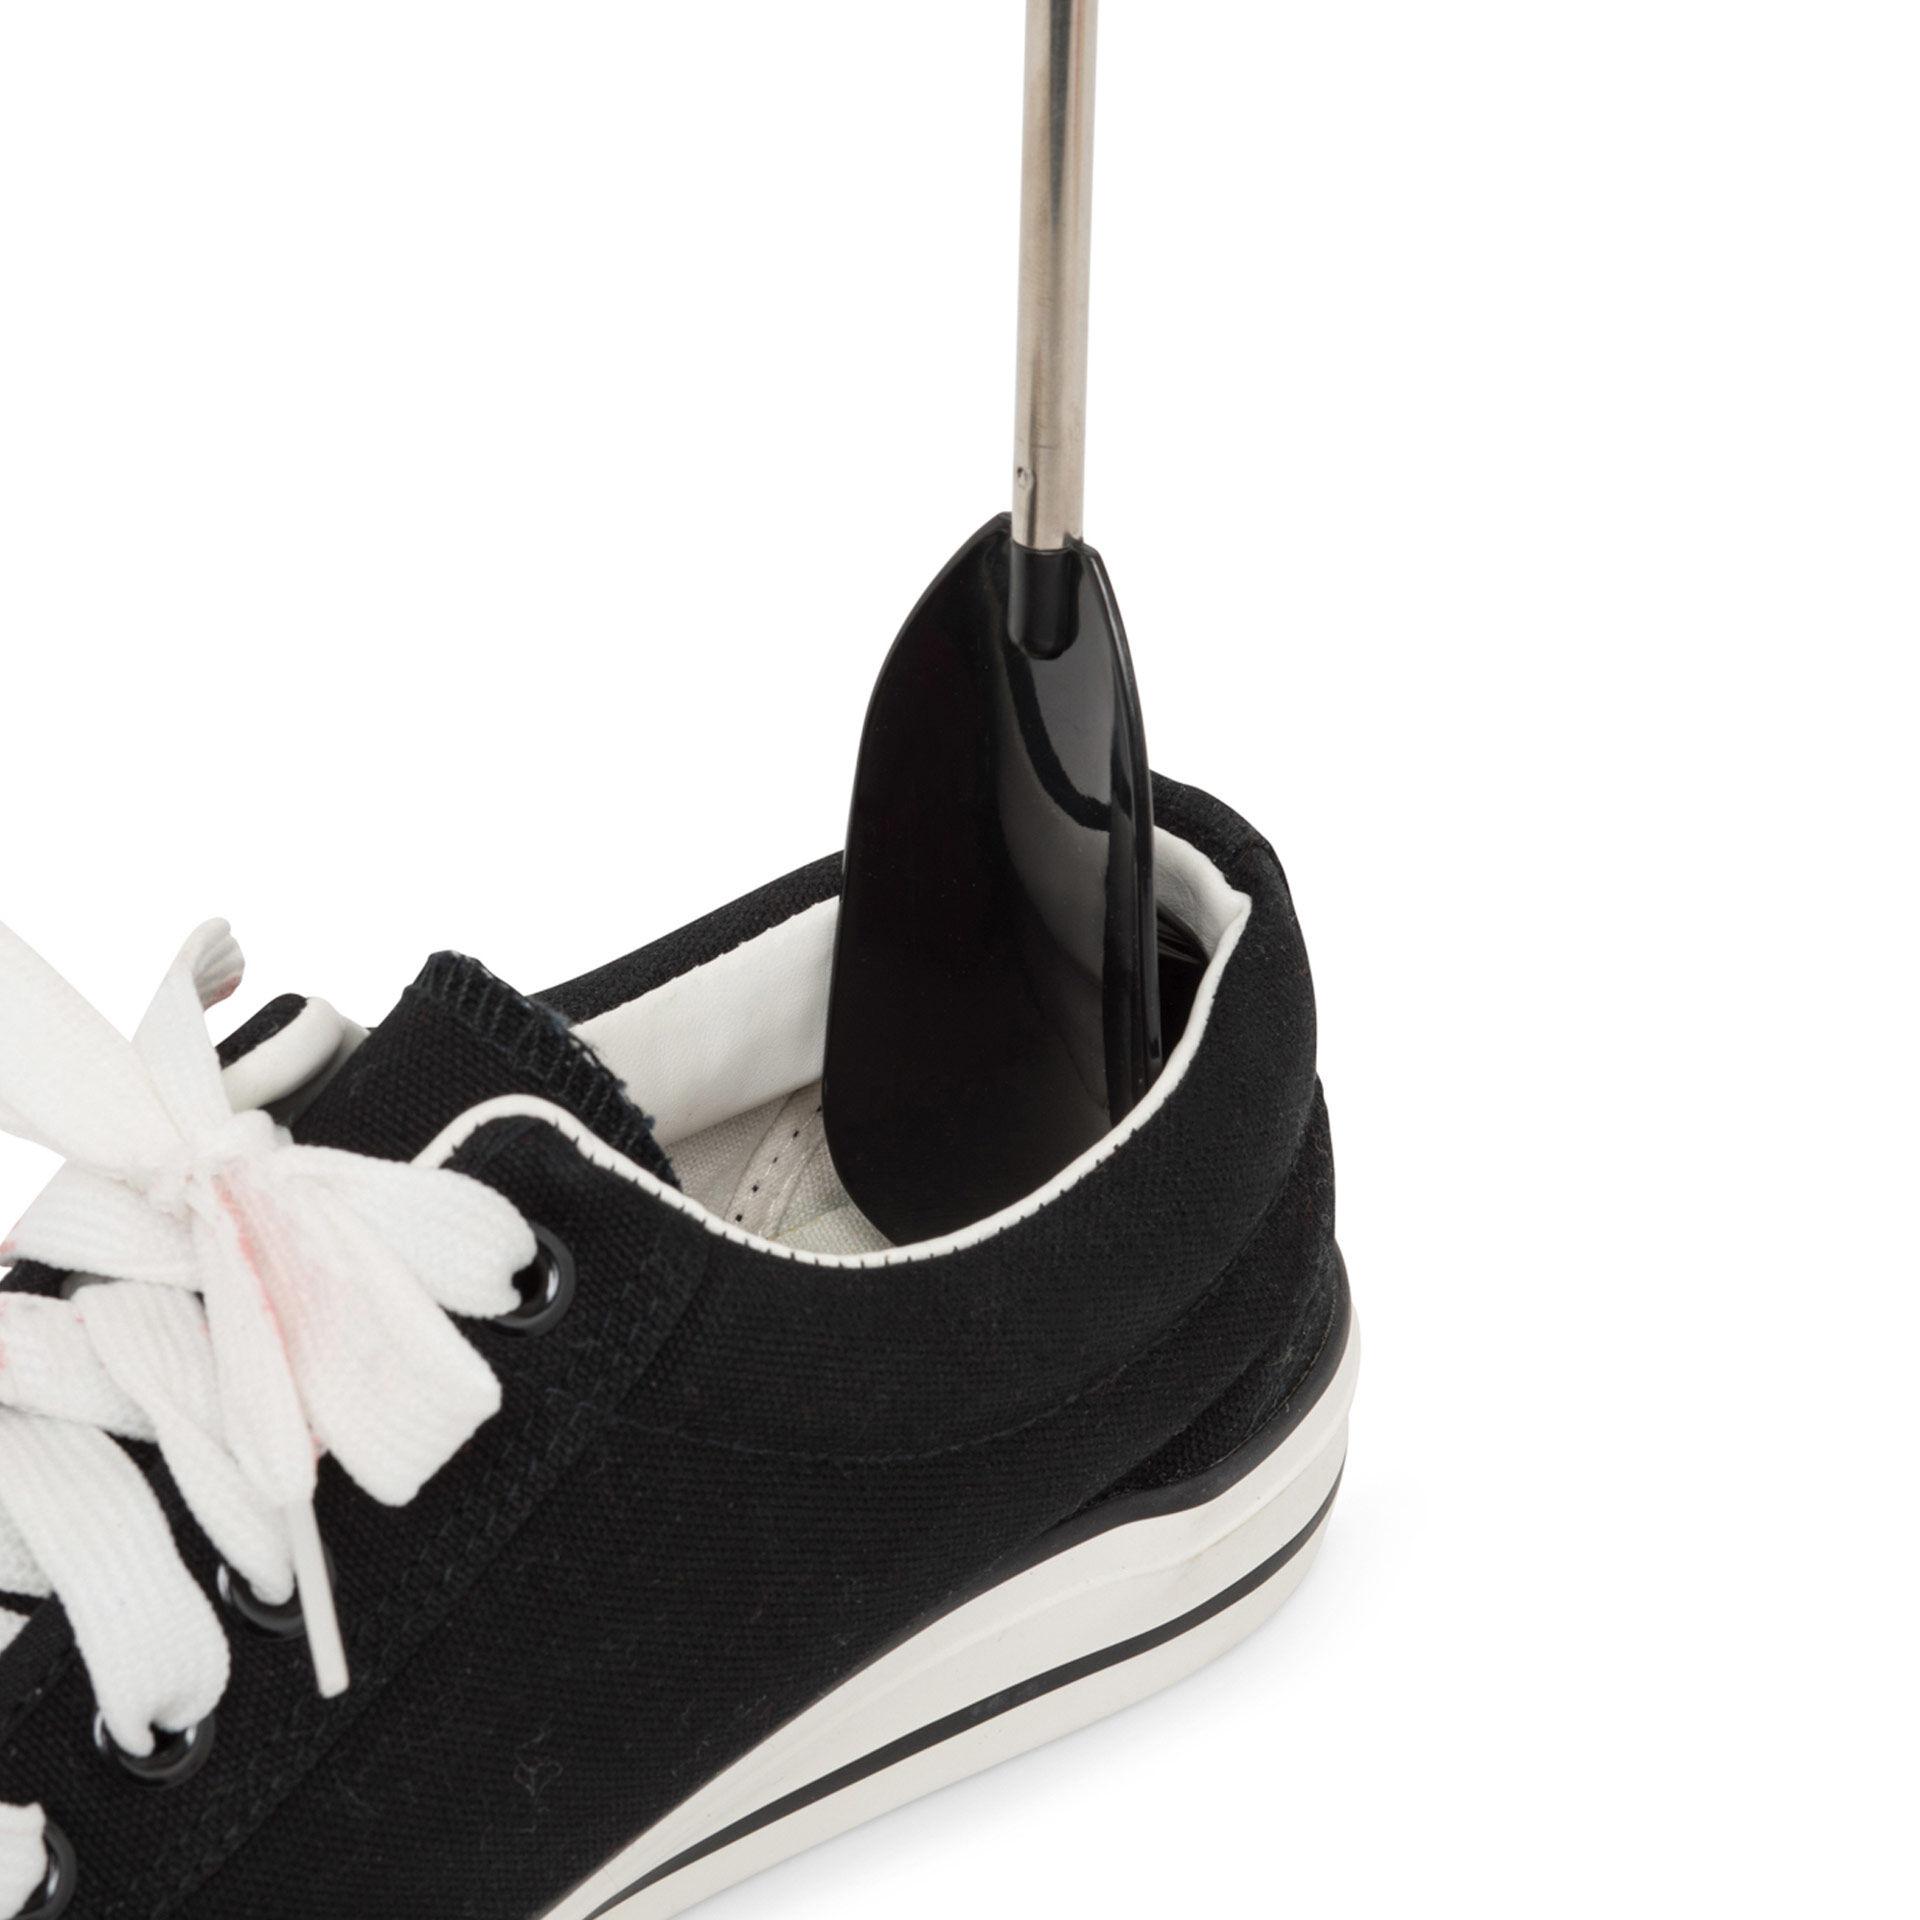 Chausse-pieds télescopique, , large